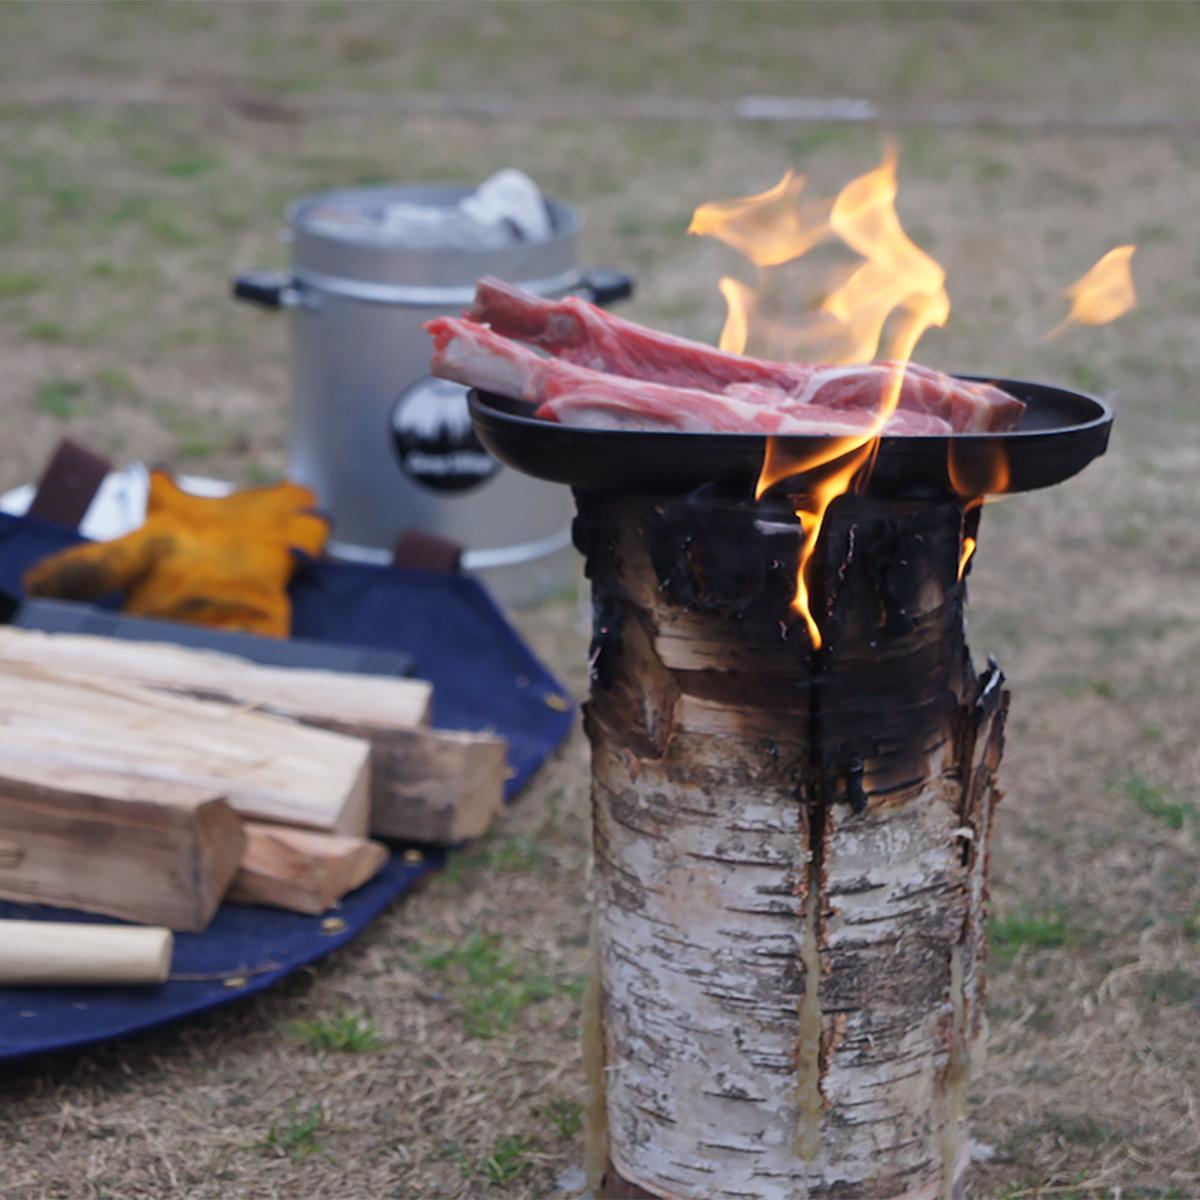 """丸太いっぽん""""ミニマム焚き火"""" 《3本セット》次のキャンプの主役はこれ!キャンドル一体型で一発着火、肉も焼ける「スウェディッシュトーチ」 Swedish Birch Candle"""